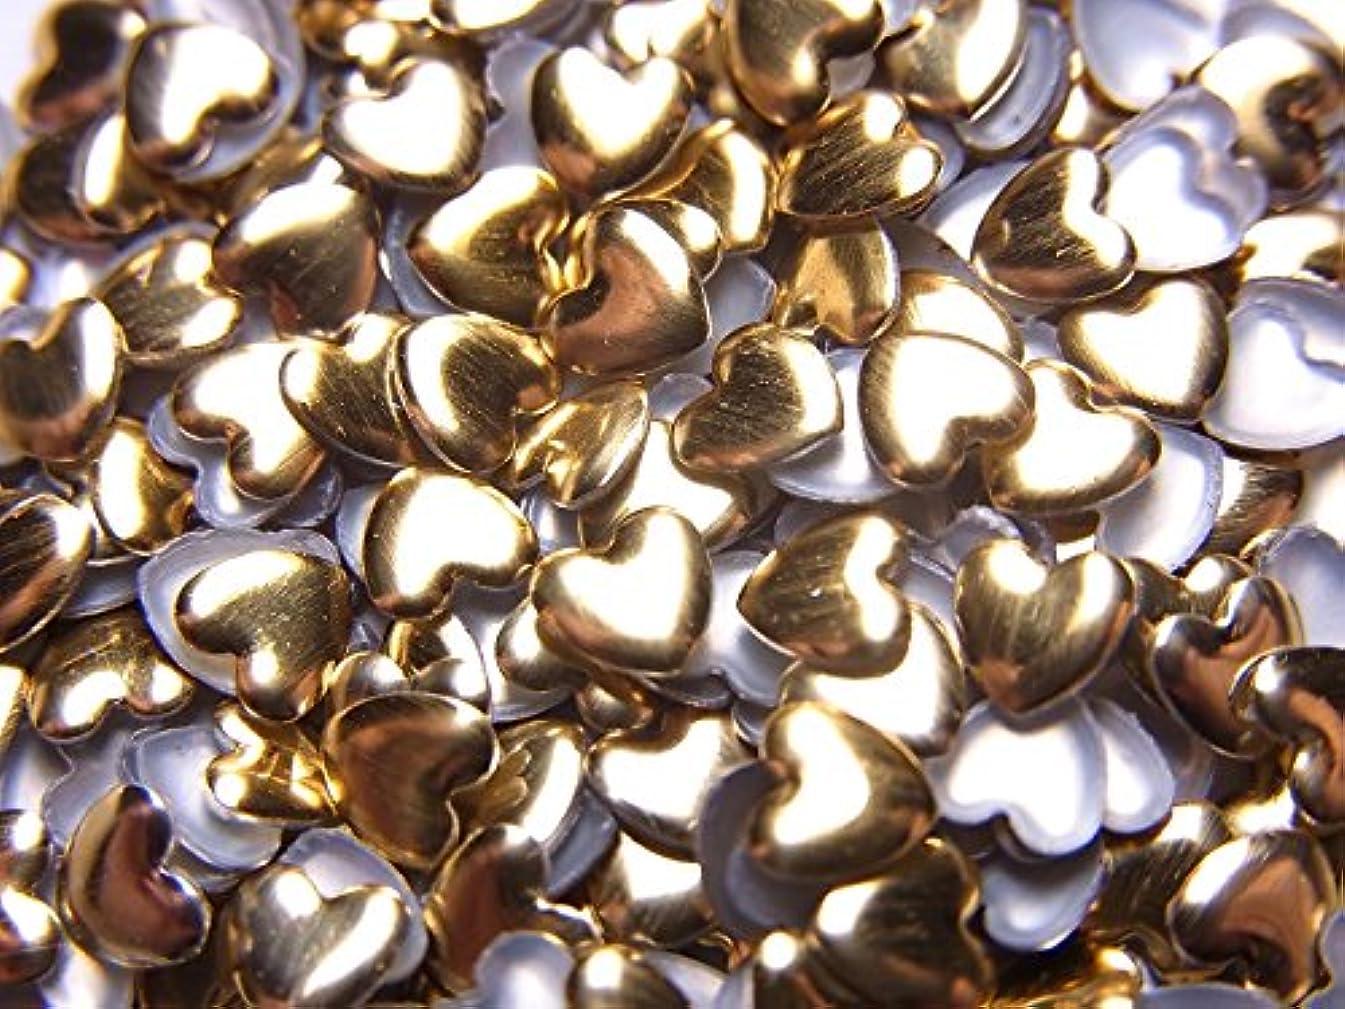 ぎこちない頻繁に砂【jewel】ハート型 メタルスタッズ 4mm ゴールド 100粒入り